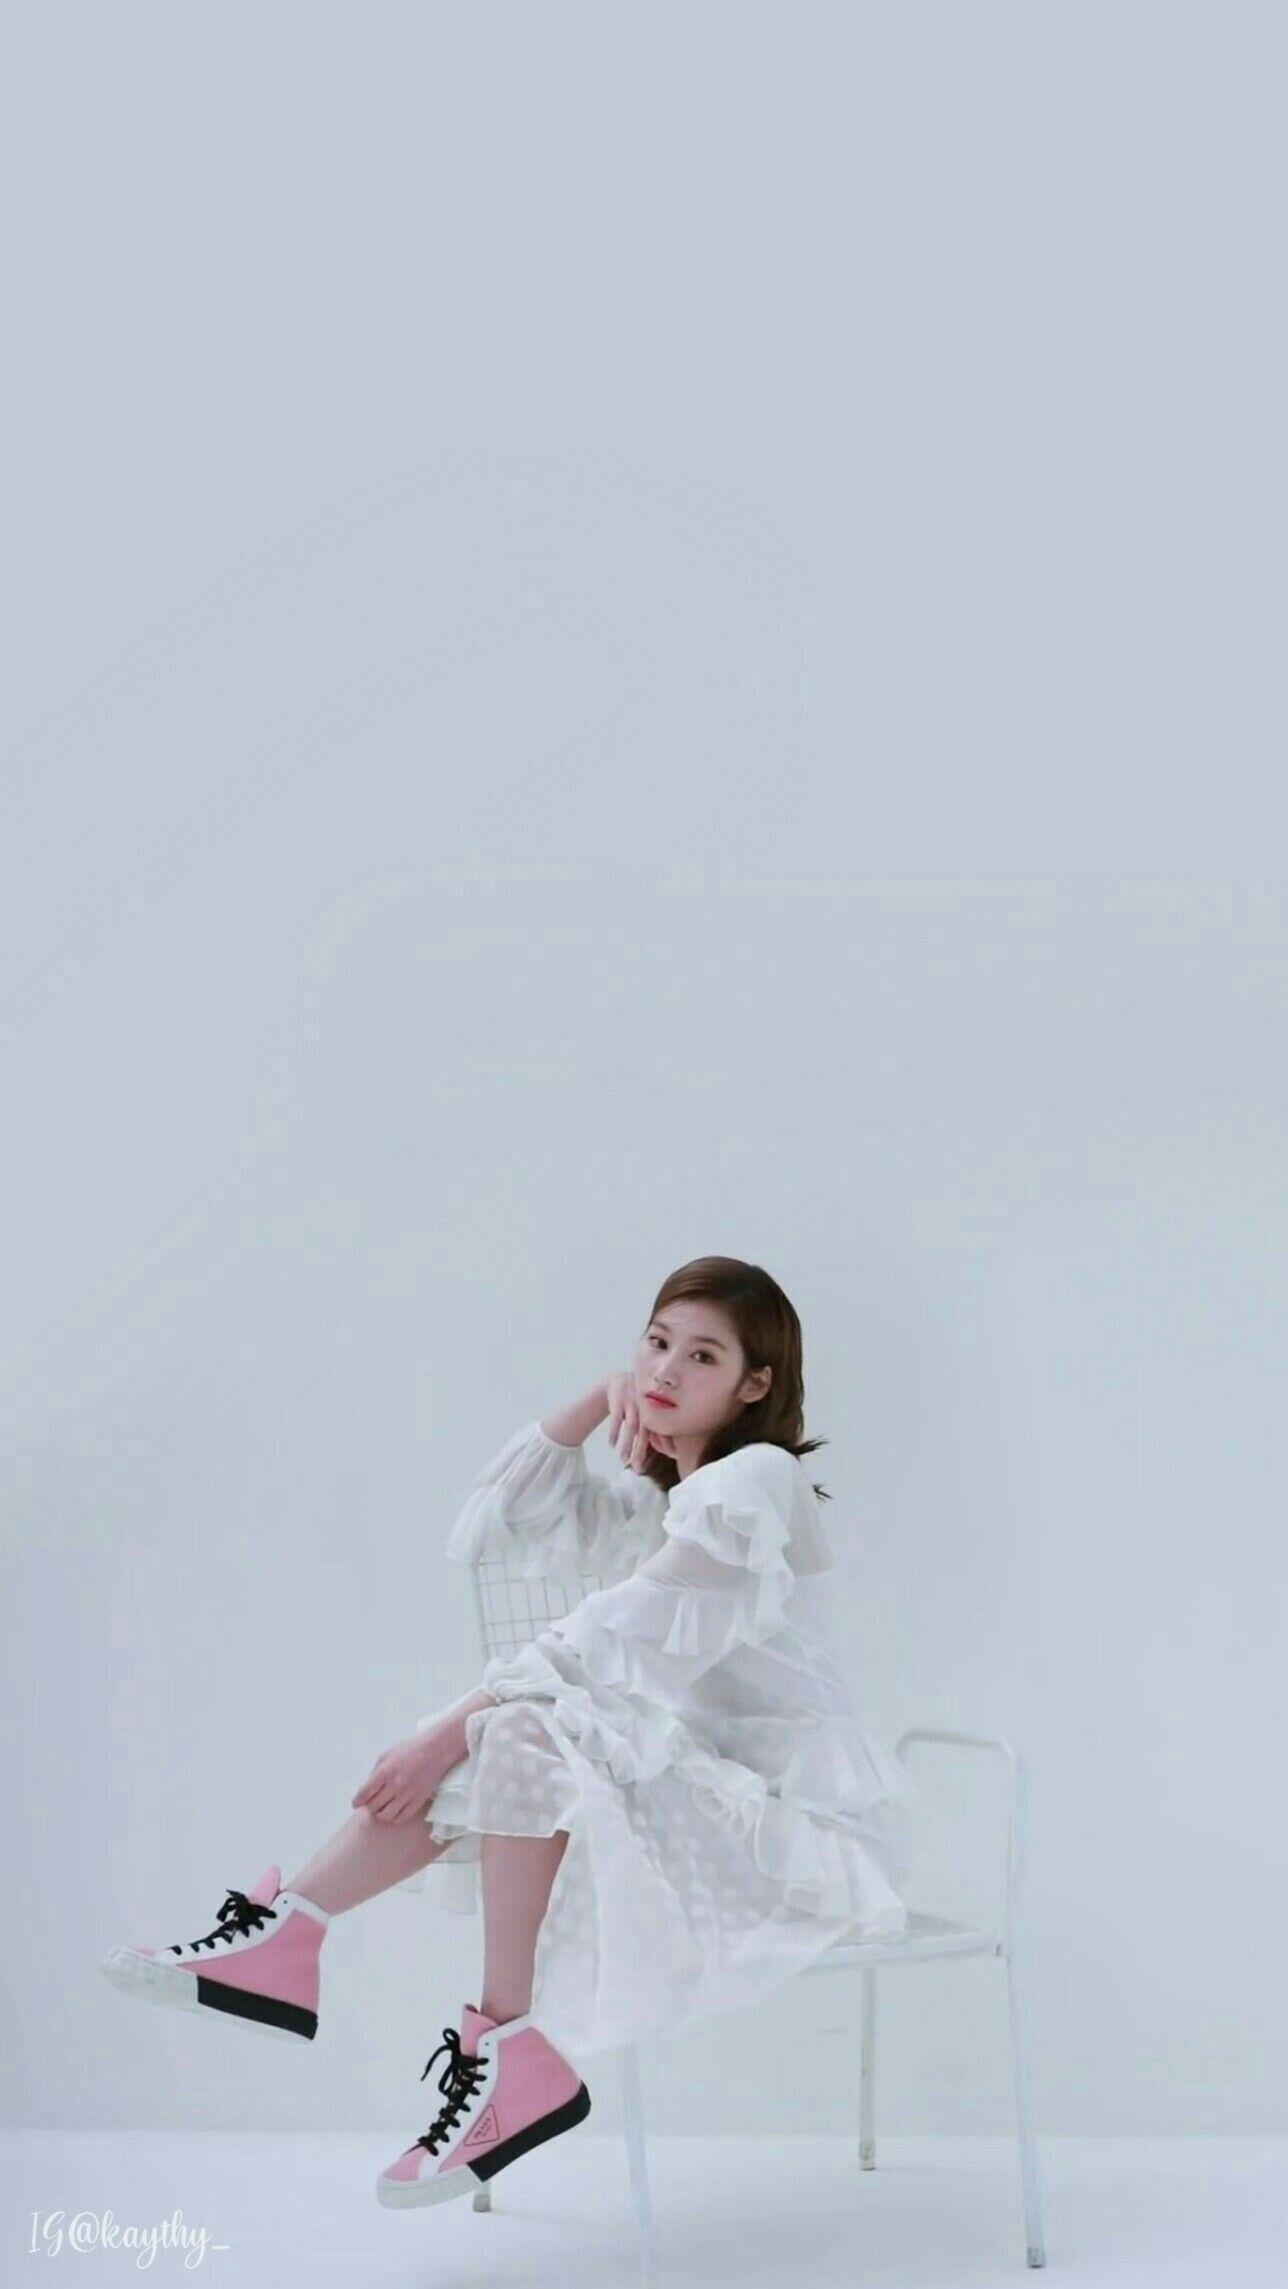 Sana Wallpaper Twice Photoshoot Minatozaki Sana Pretty Korean Girls